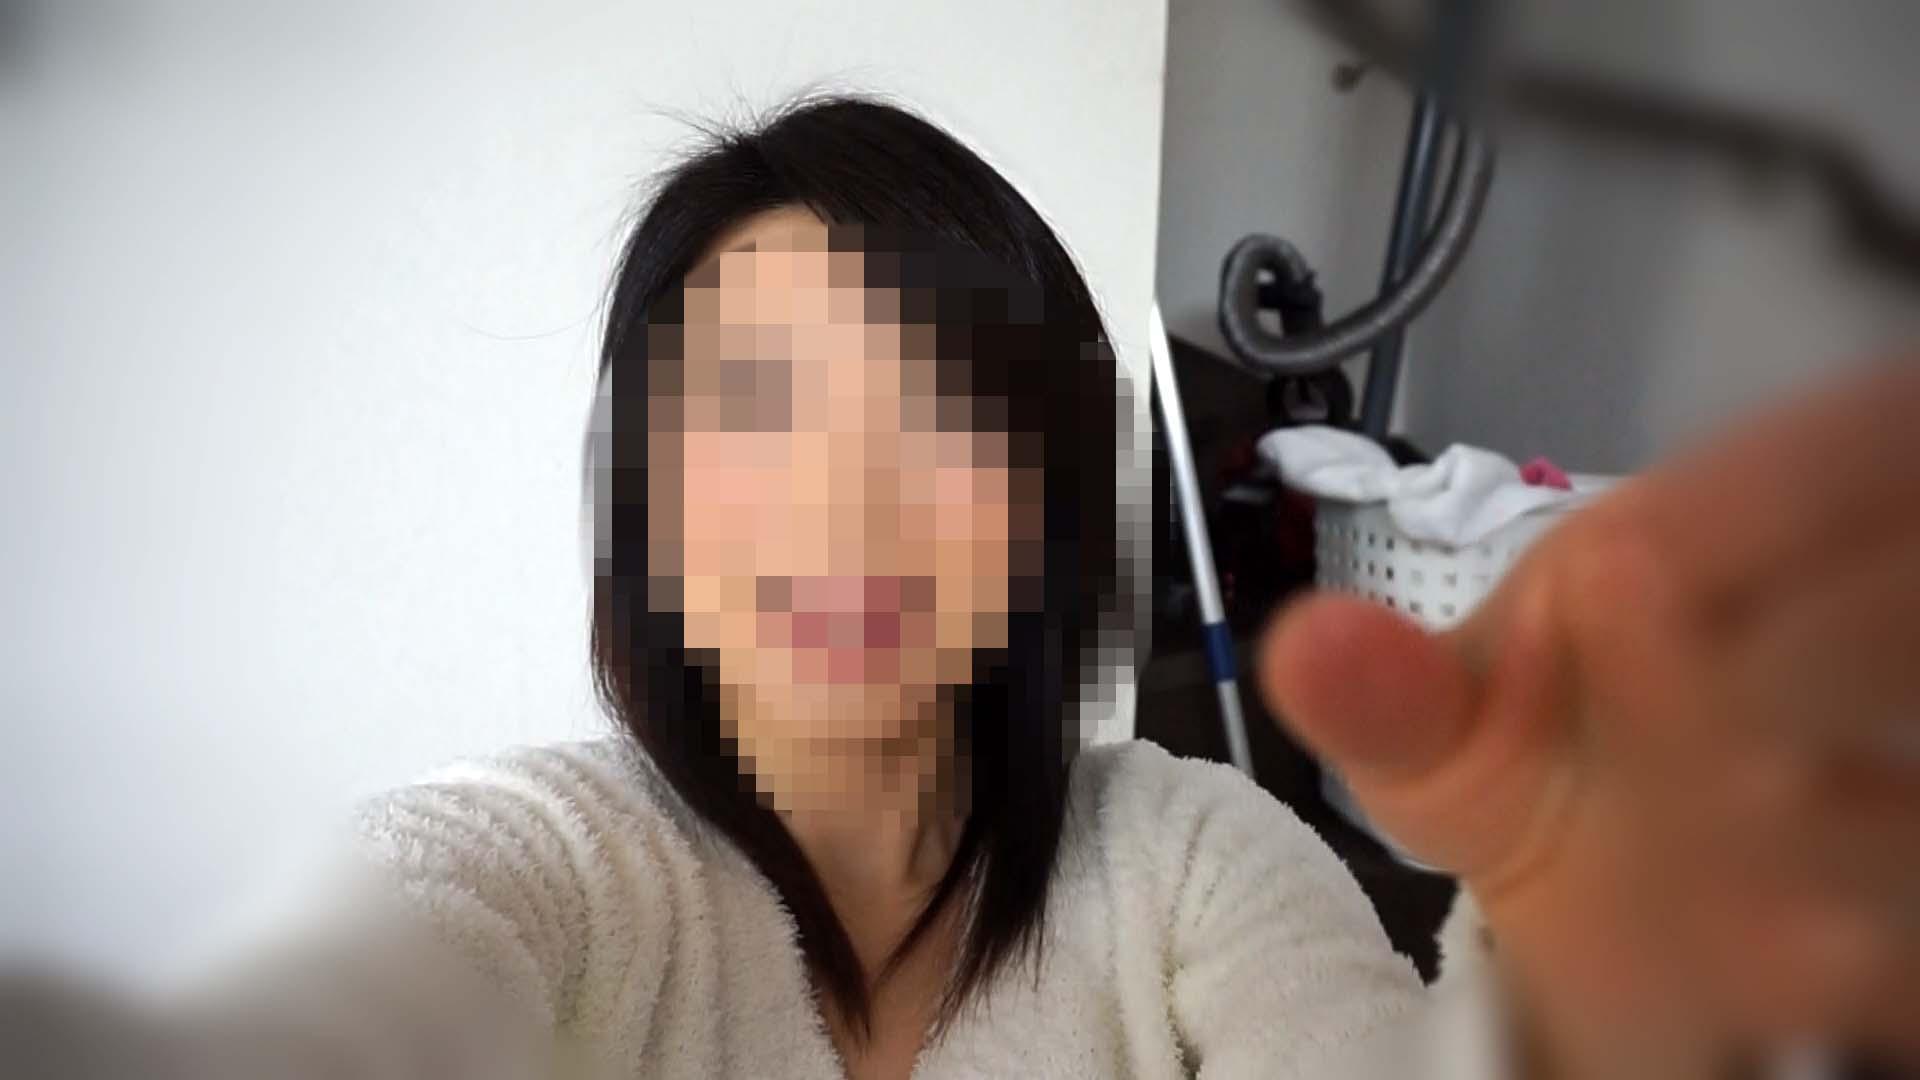 【ハメ撮り】牝犬奥さんから極秘裏に入手したビデオメールをコッソリ公開【個人撮影】